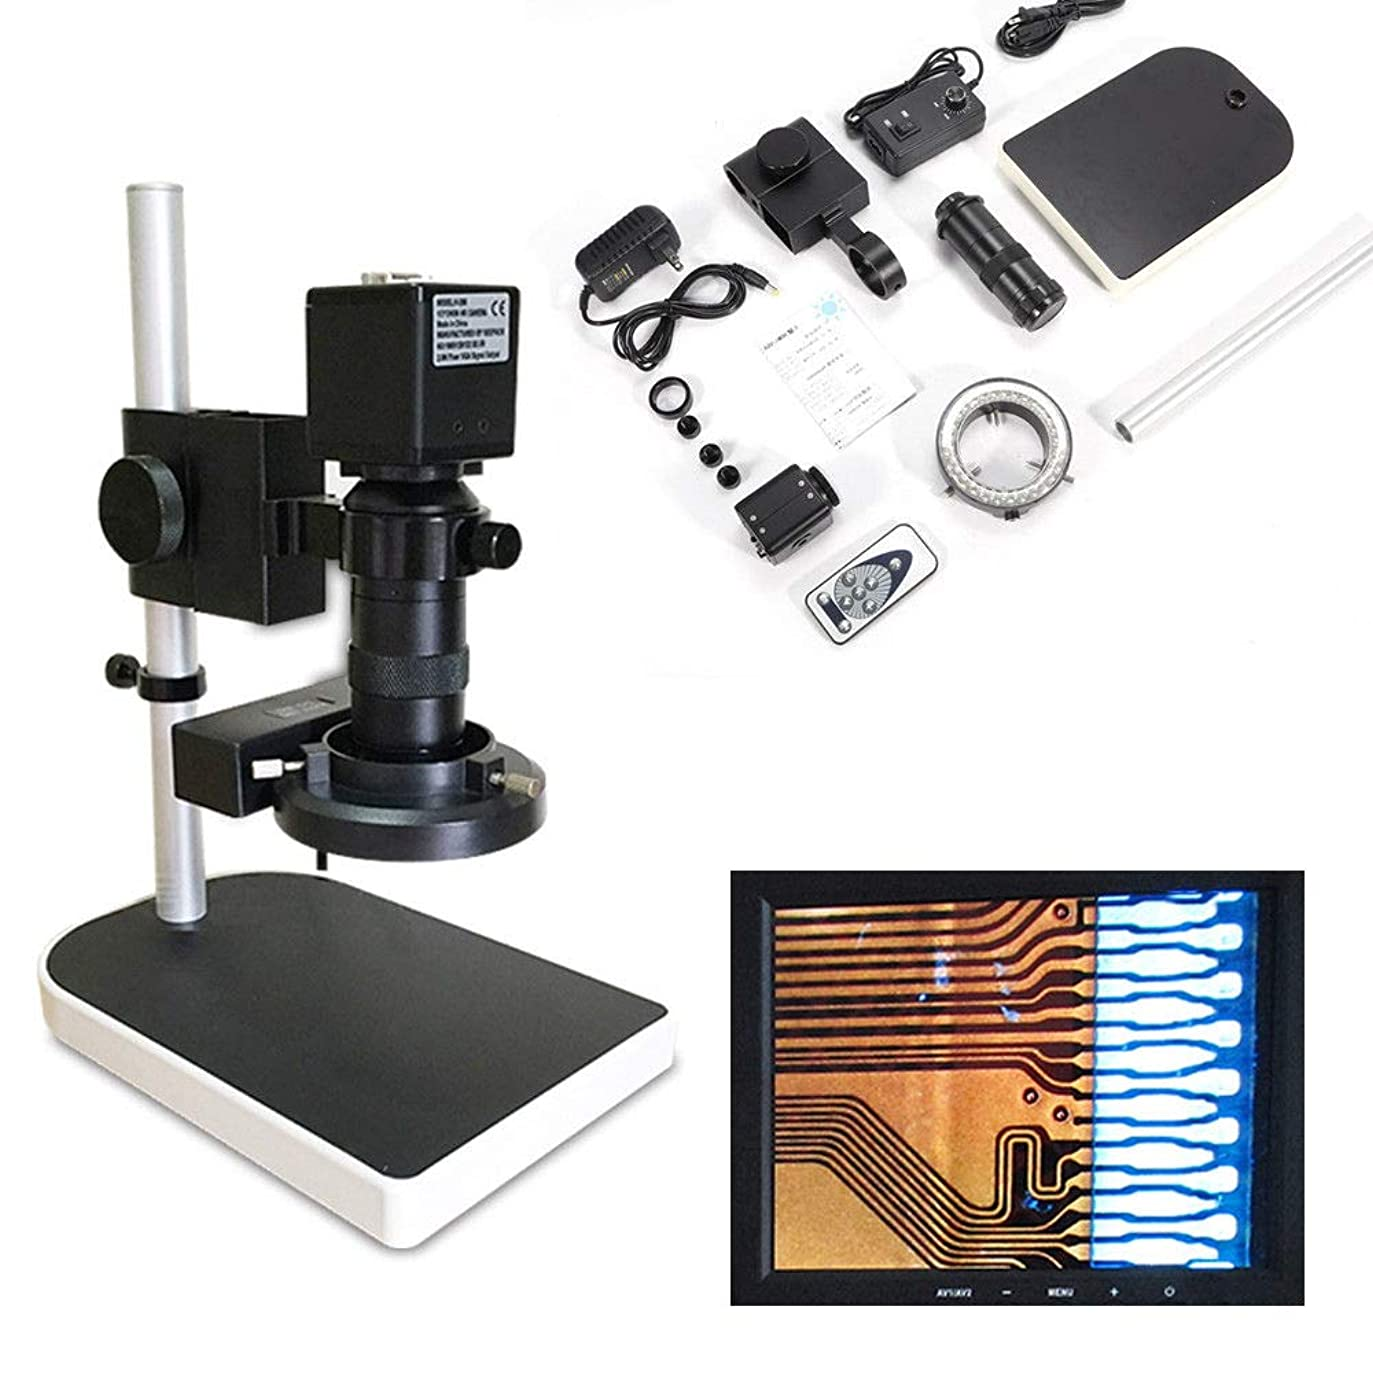 六分儀誰置き場16MP 1080P HD HDMI 1/3インチ センサー デジタル 工業用 Cマウント レンズ 顕微鏡 デジタルカメラ